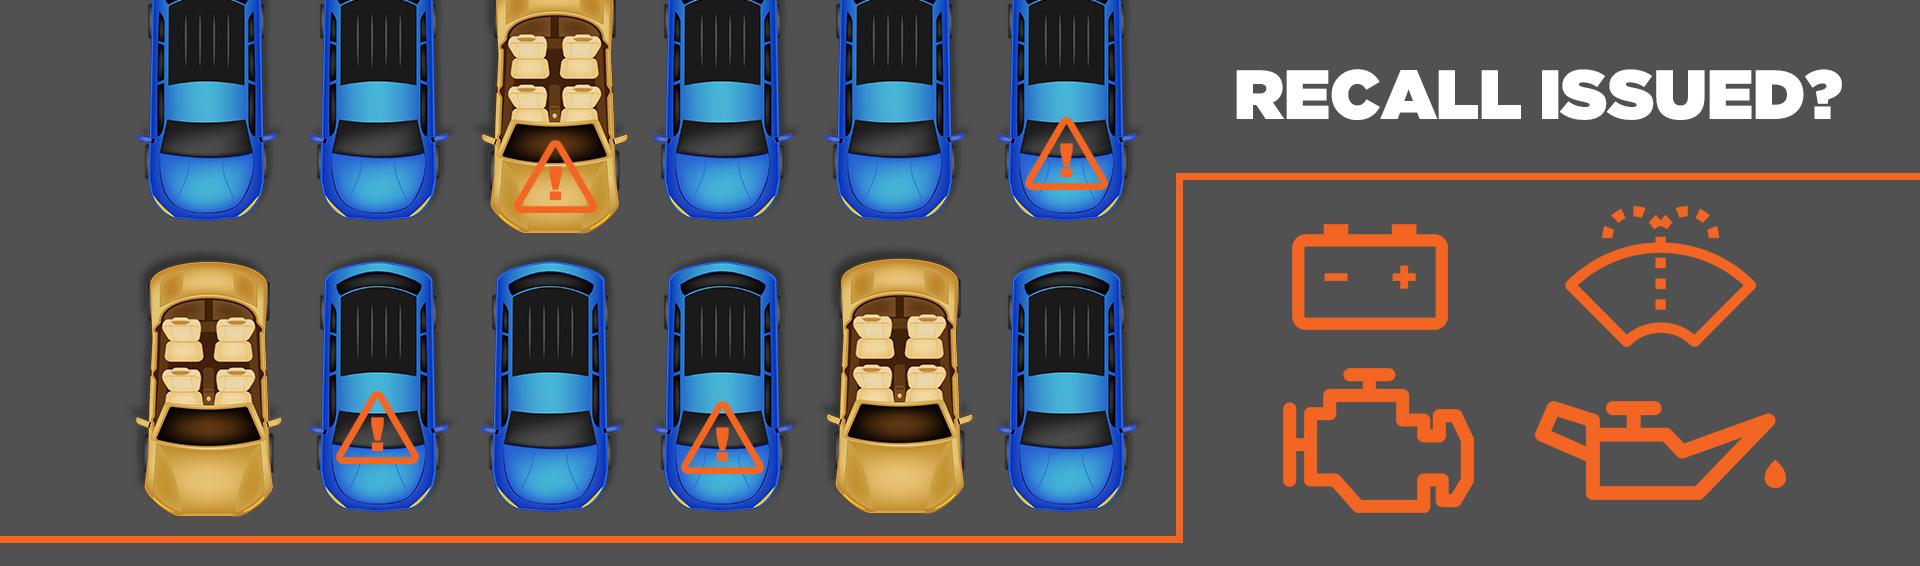 Acura Airbag Recall >> Acura Airbag Recall Acura Sales And Service Near Cape Coral Fl